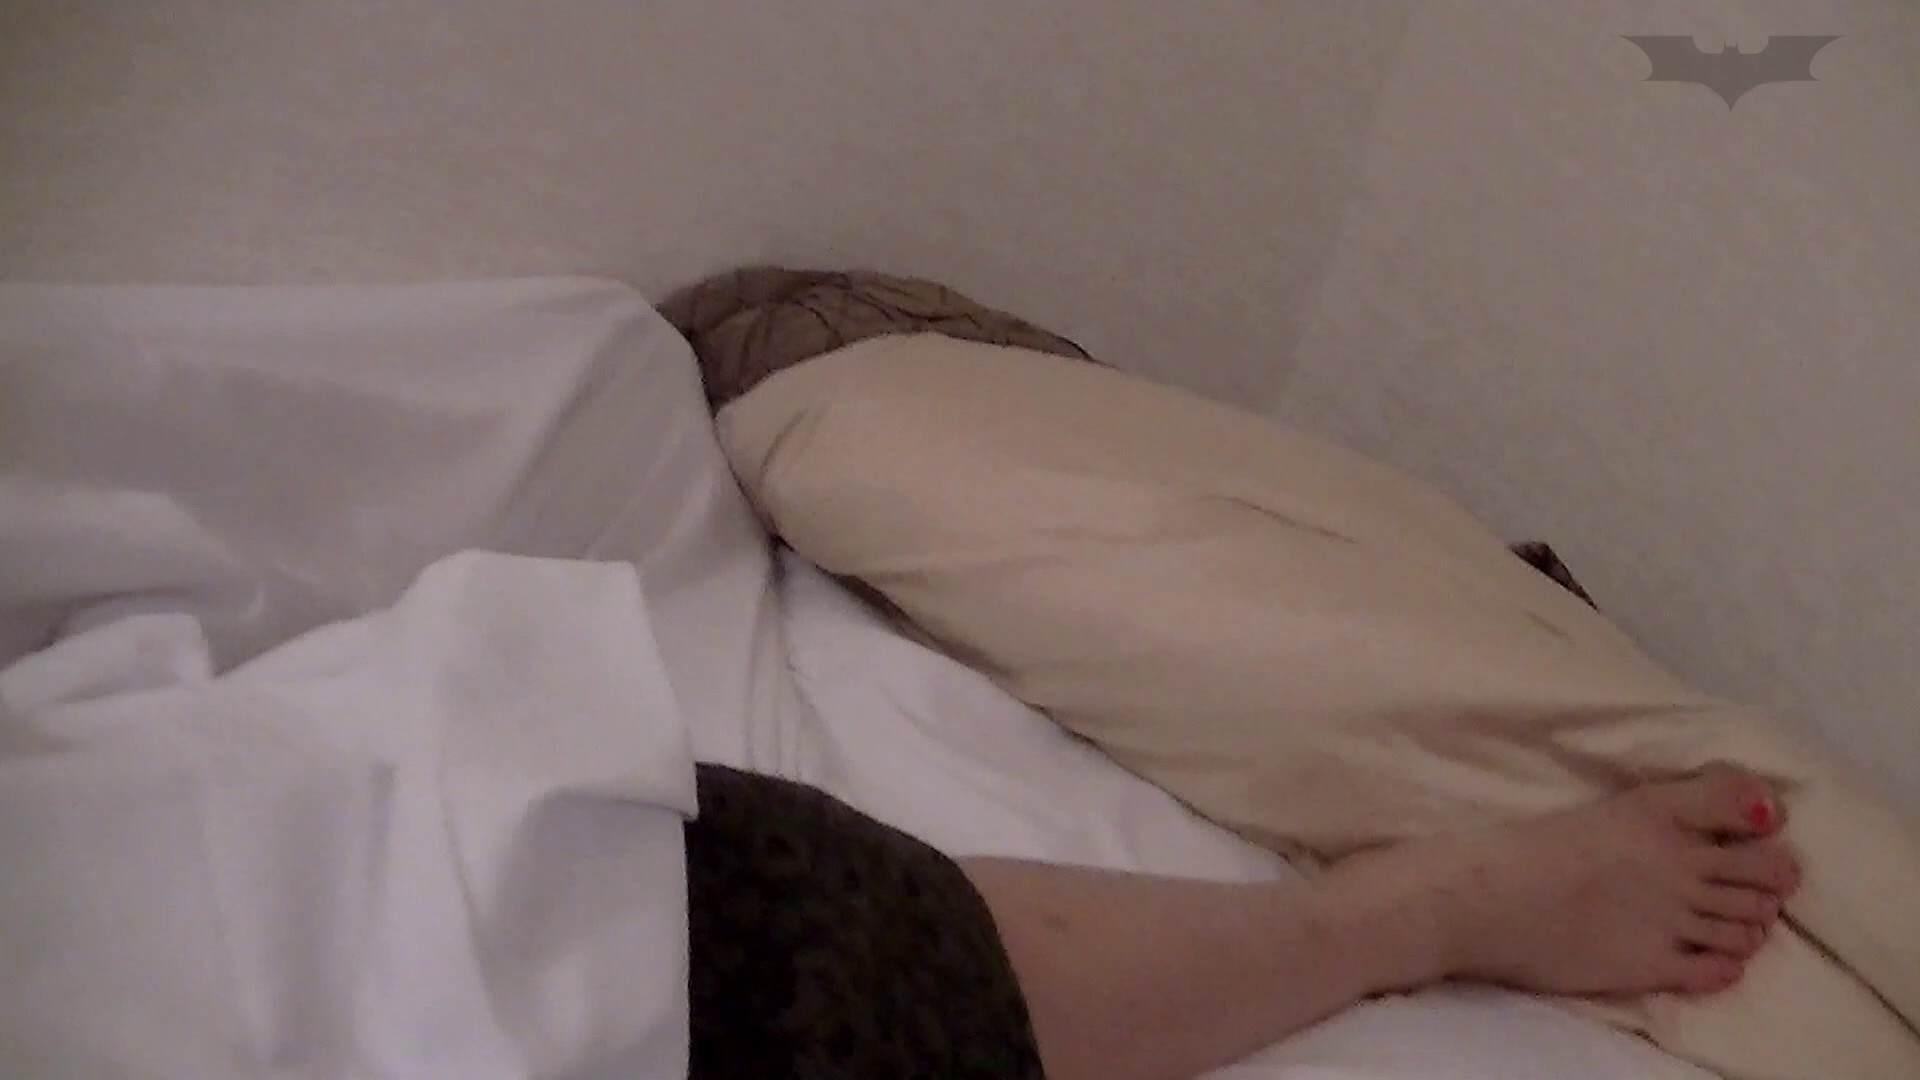 宿泊先の初心なお嬢(あずさ19才)を身内の立場を利用して弄ぶ影氏 ラブホテル潜入 | 丸見えマンコ  86画像 48